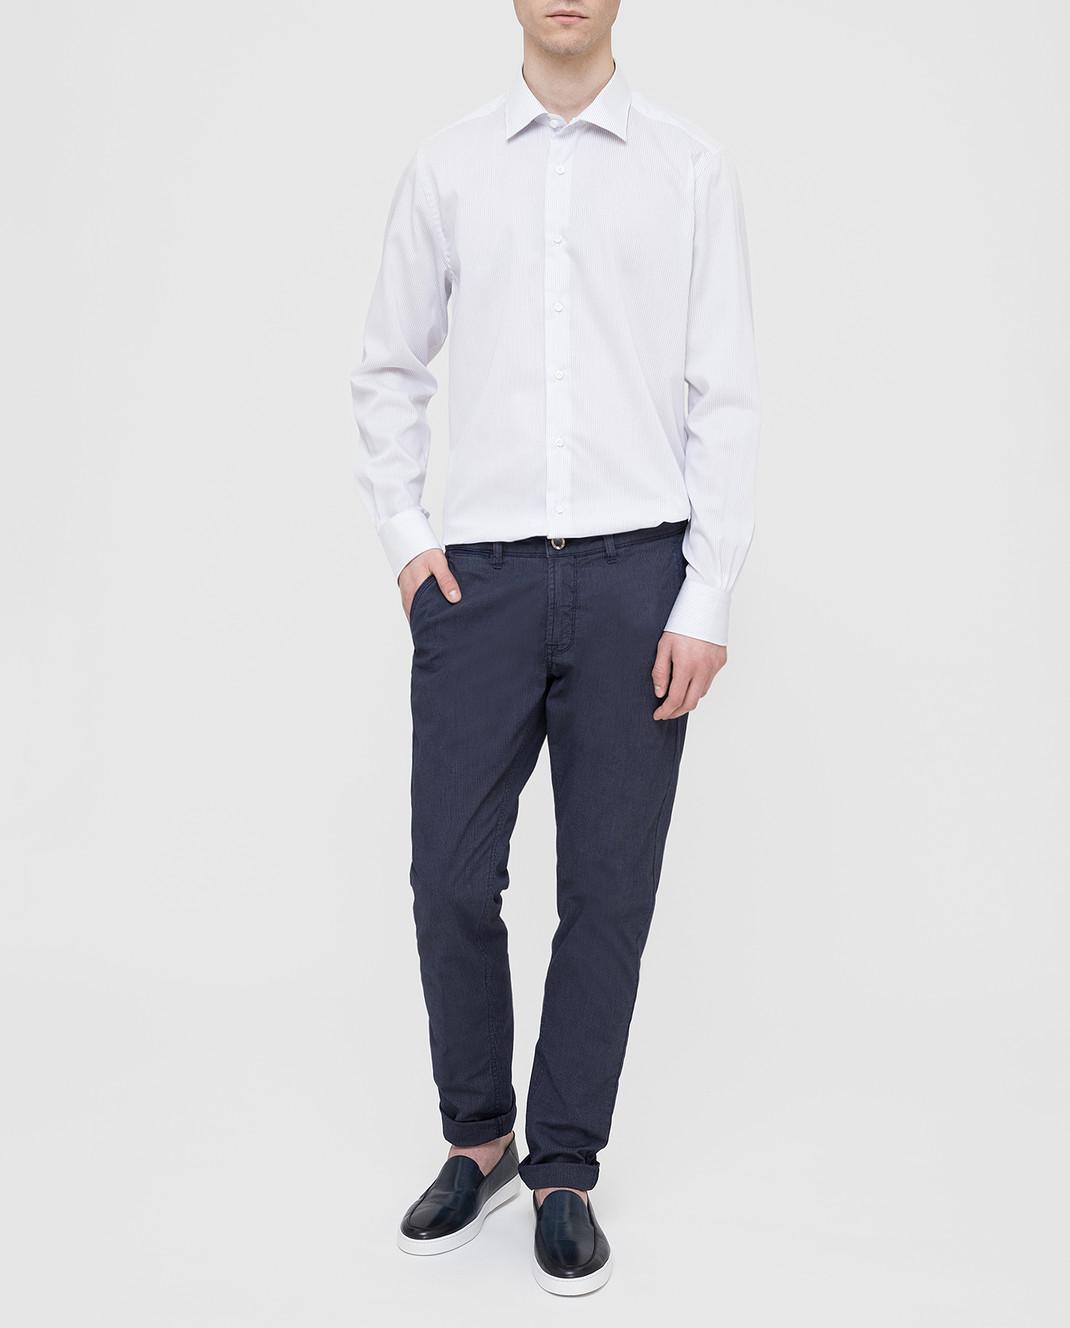 Carrel Белая рубашка на пуговицах C4510418G изображение 2